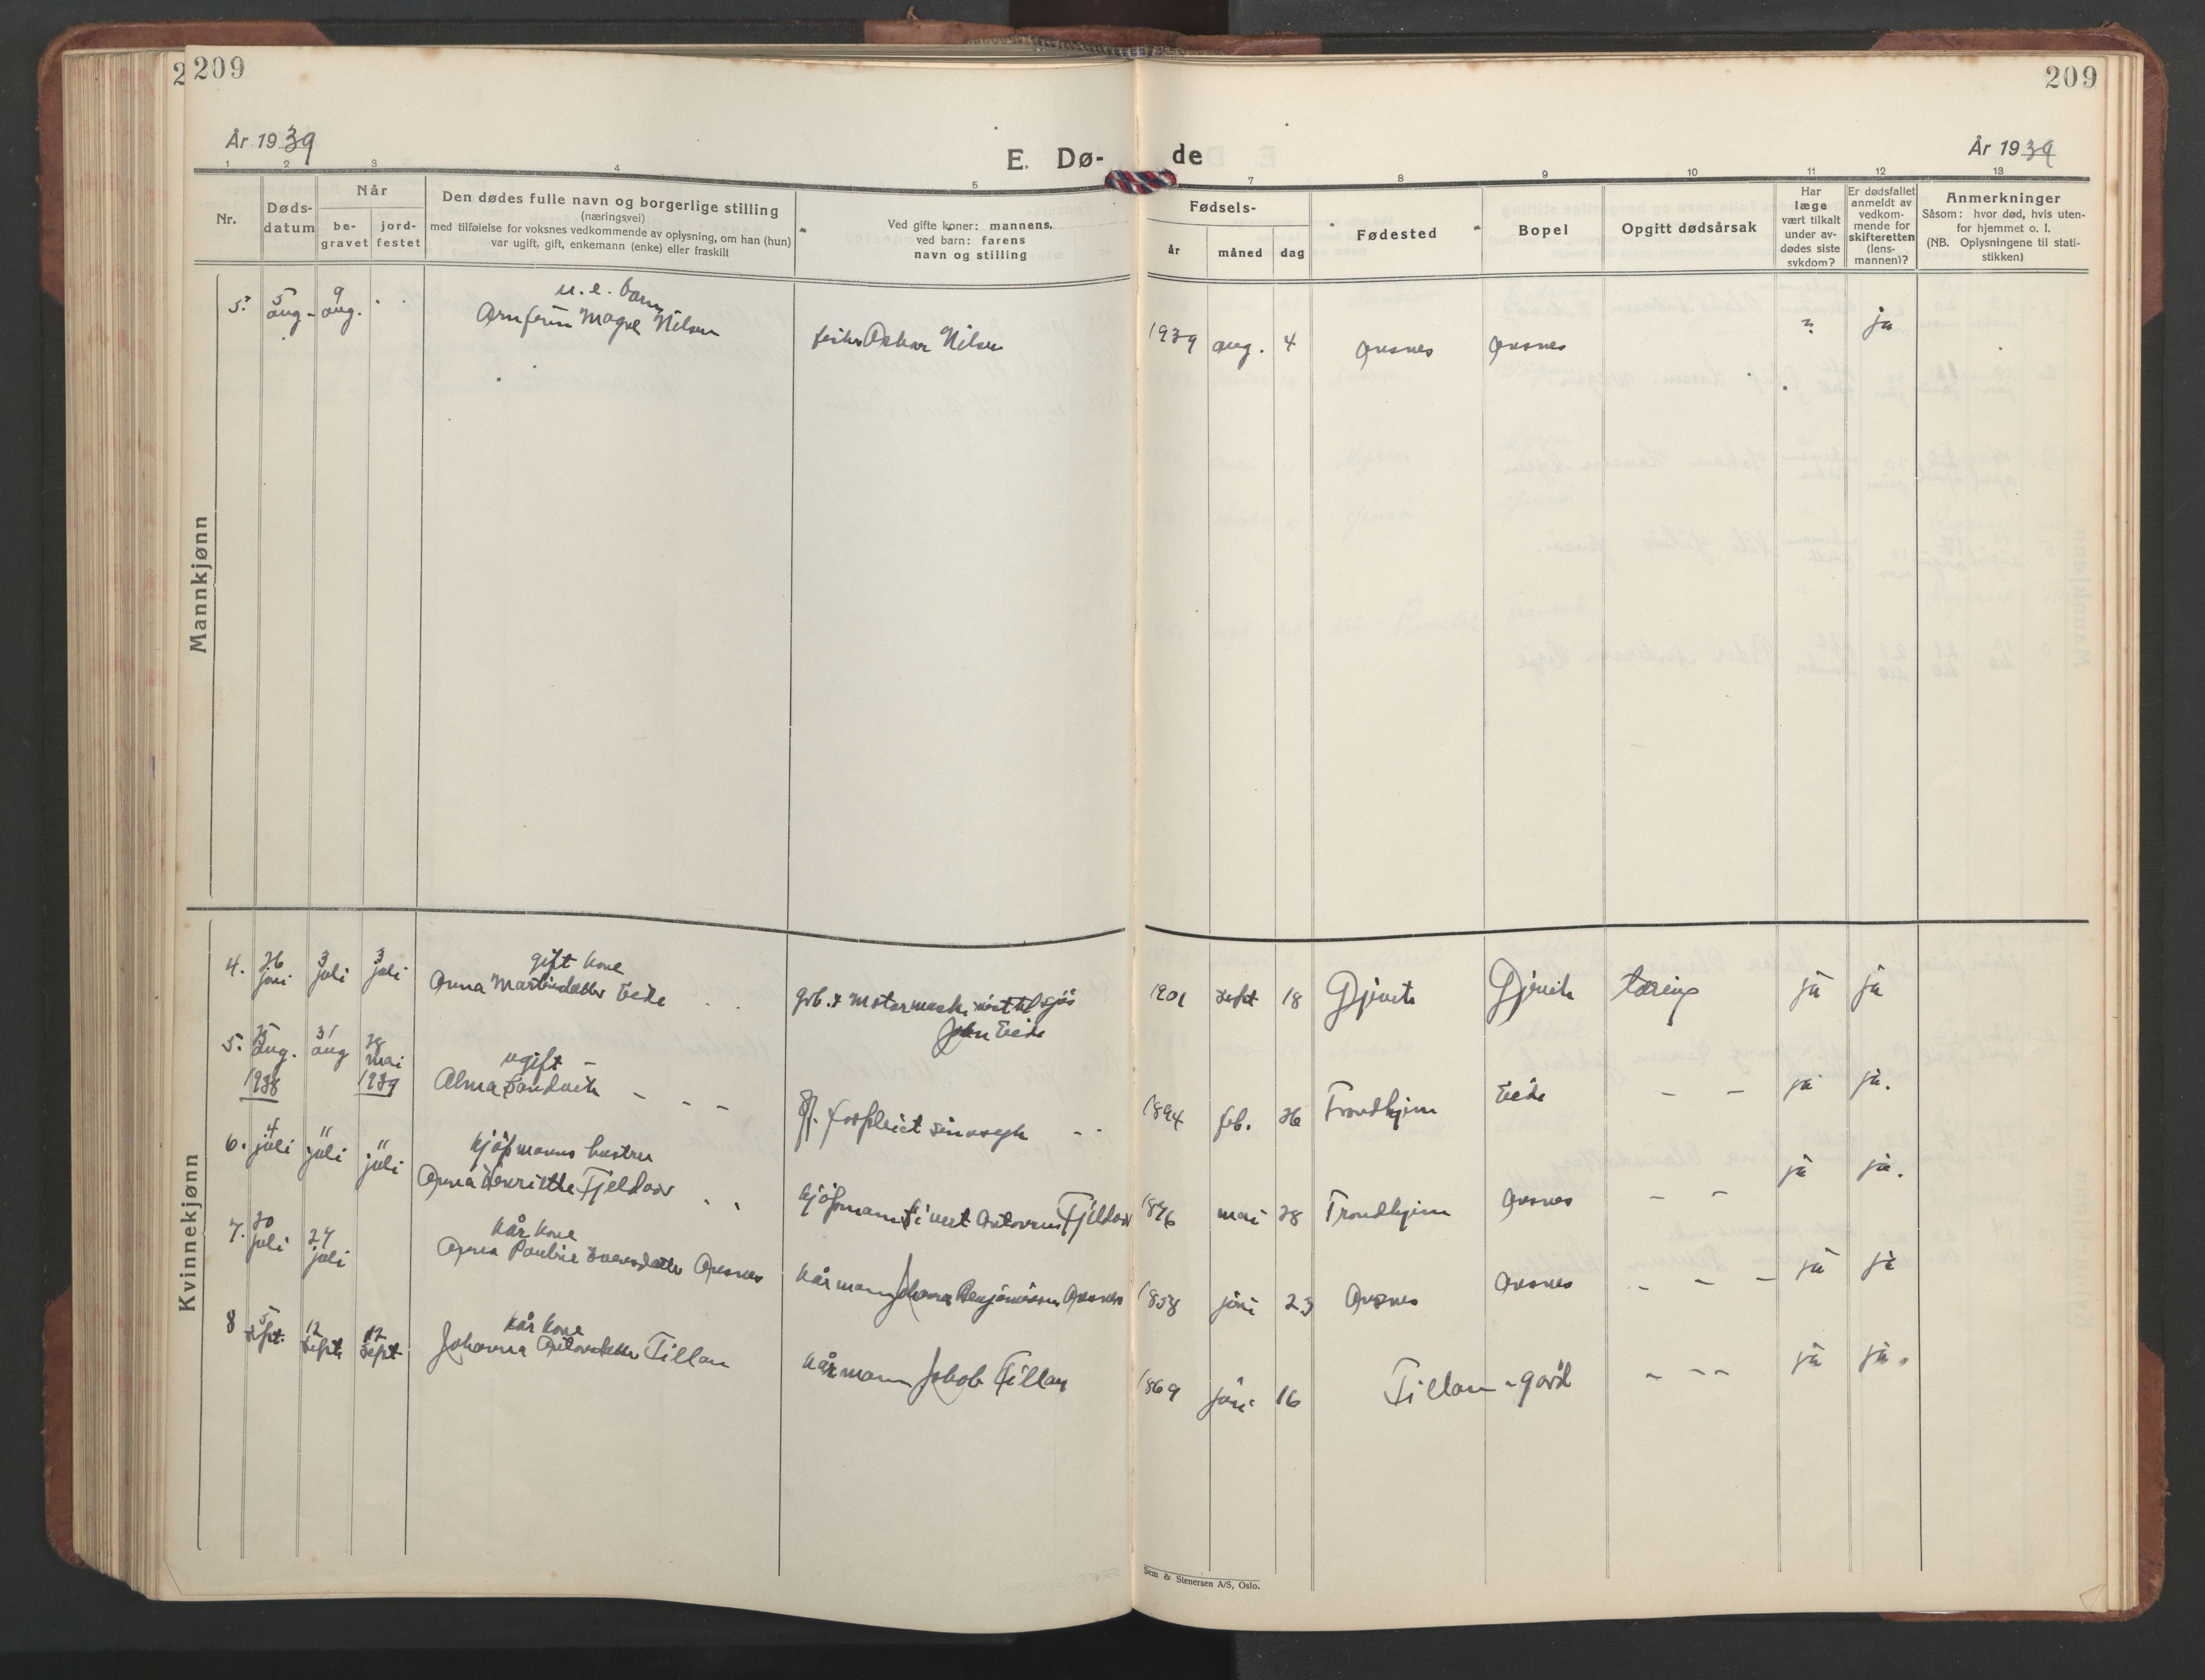 SAT, Ministerialprotokoller, klokkerbøker og fødselsregistre - Sør-Trøndelag, 637/L0564: Klokkerbok nr. 637C05, 1928-1968, s. 209